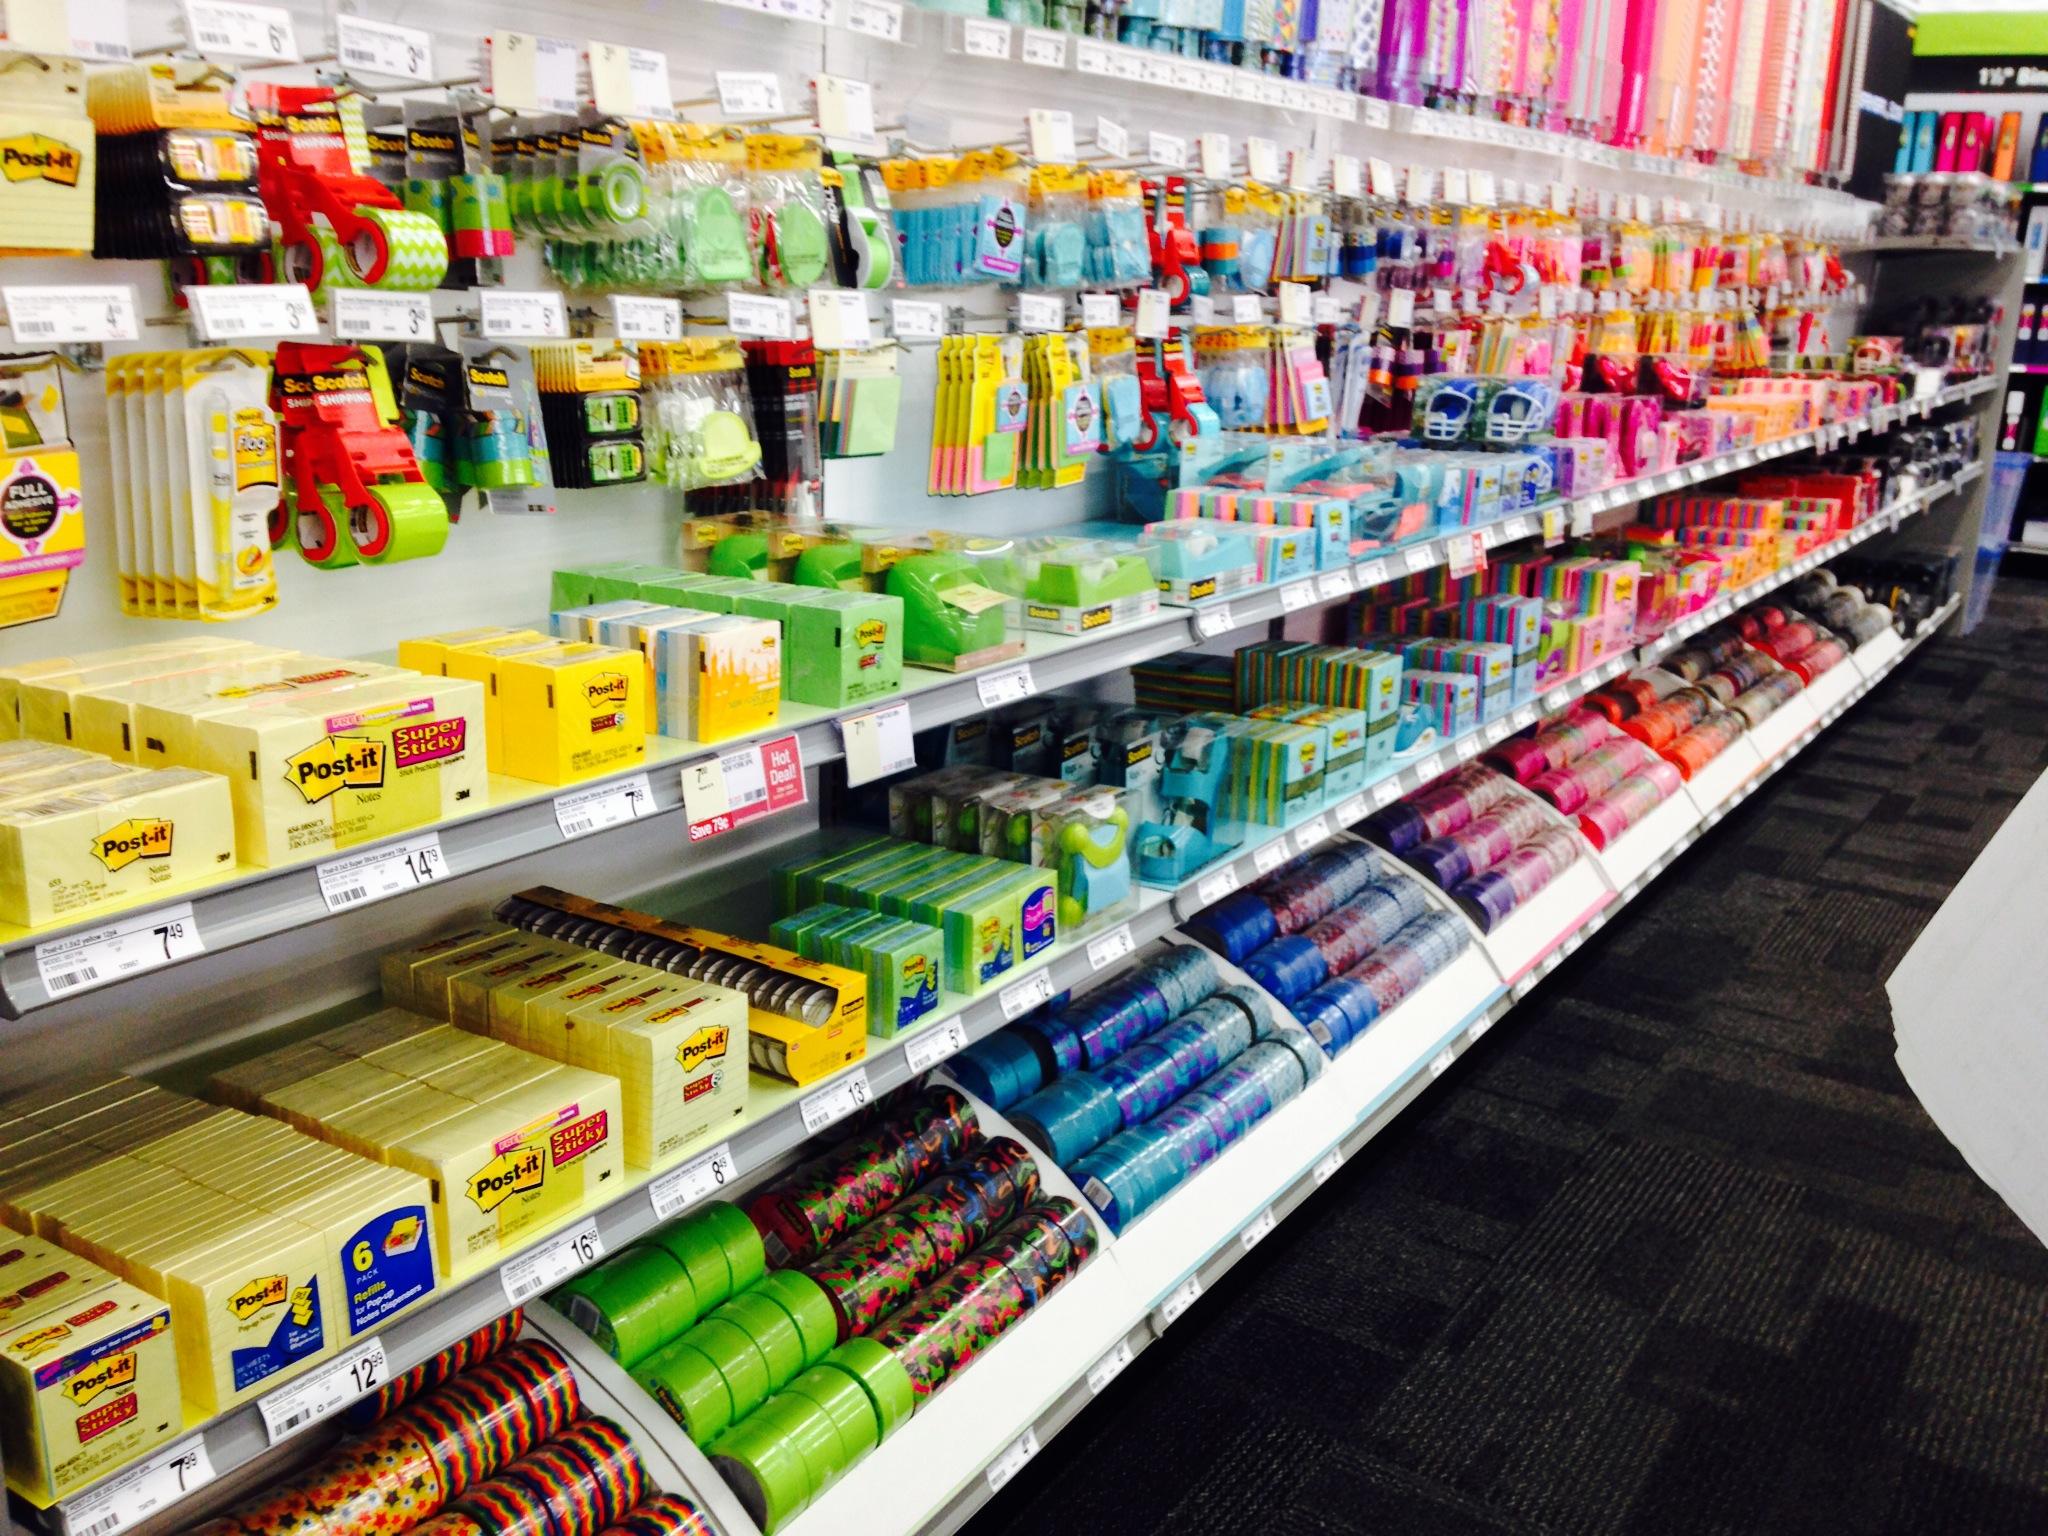 планограмма супермаркета фото